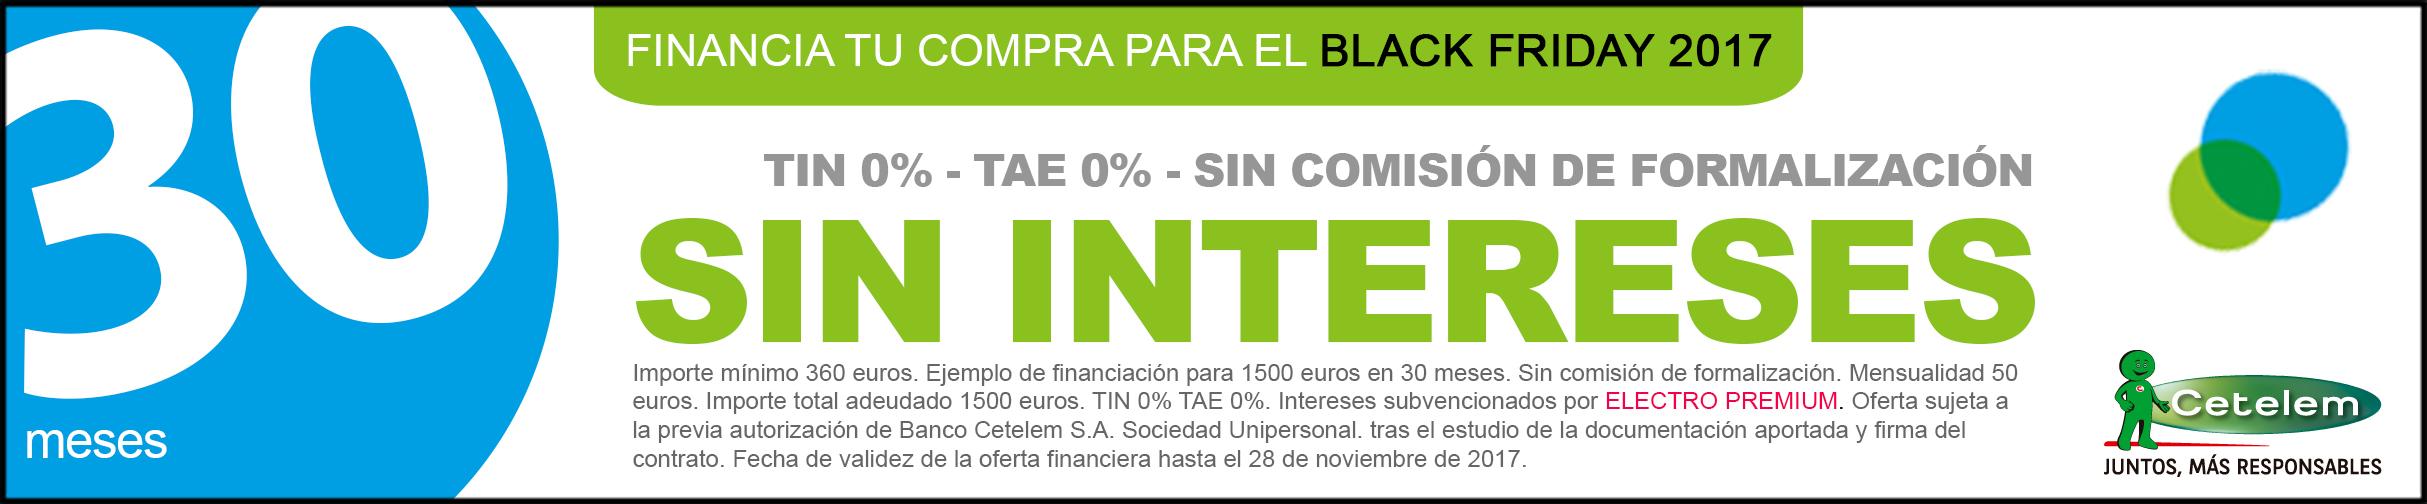 Financia las compras del Black Friday 2017